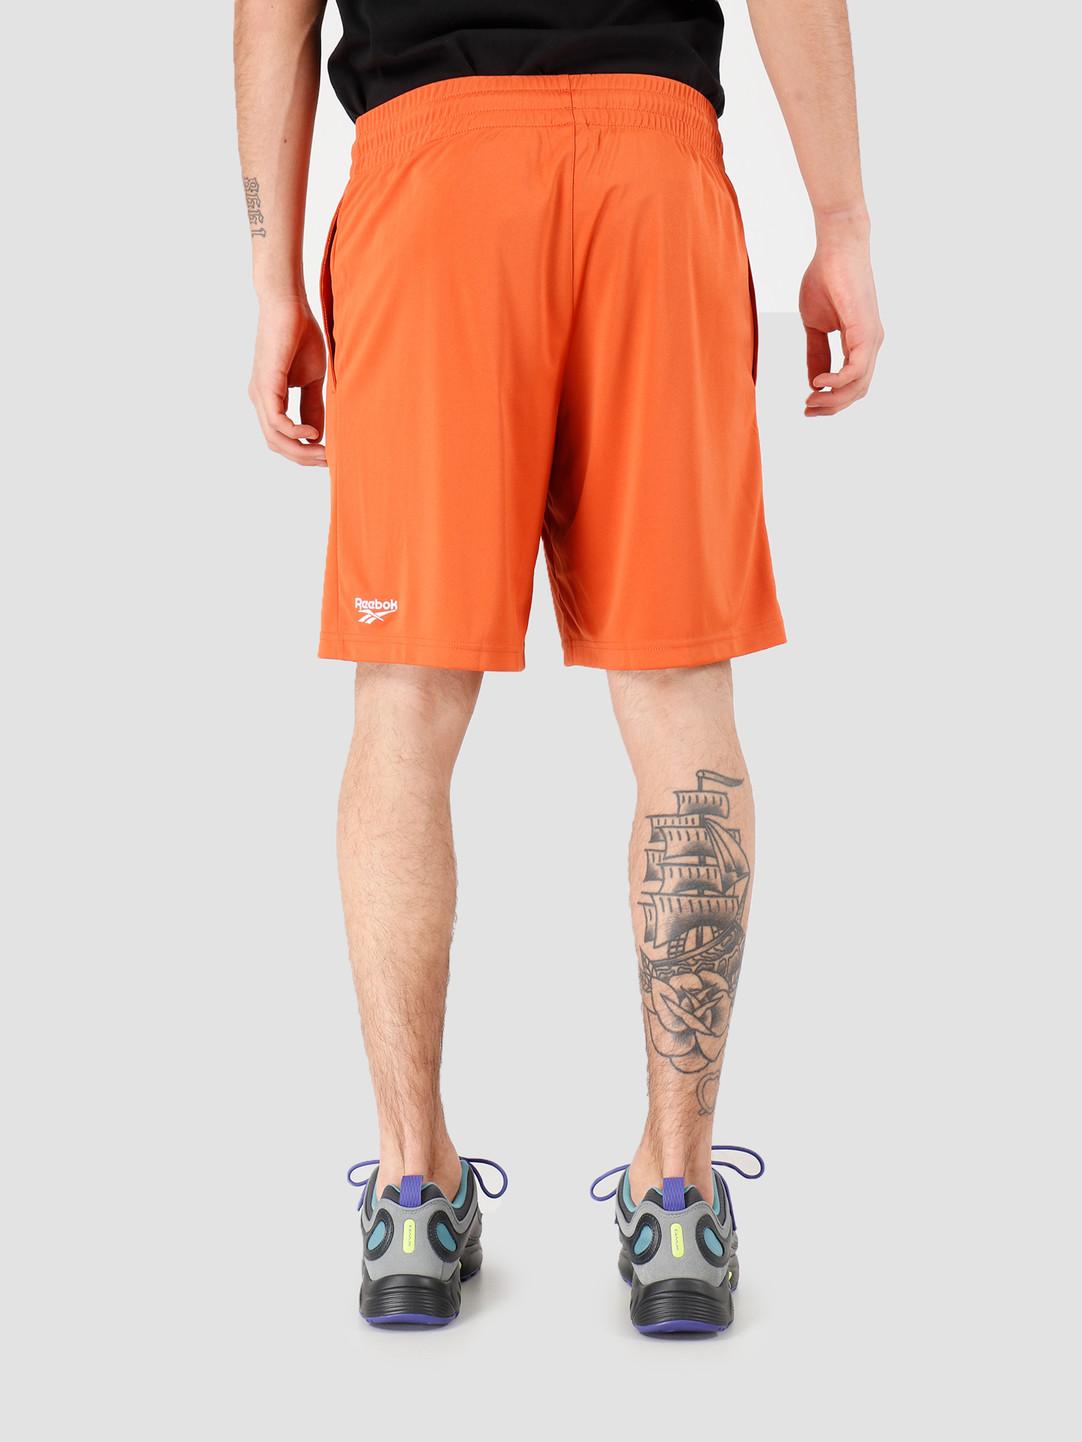 Reebok Reebok Cl D Soccer Shorts Mars Dust GF4952